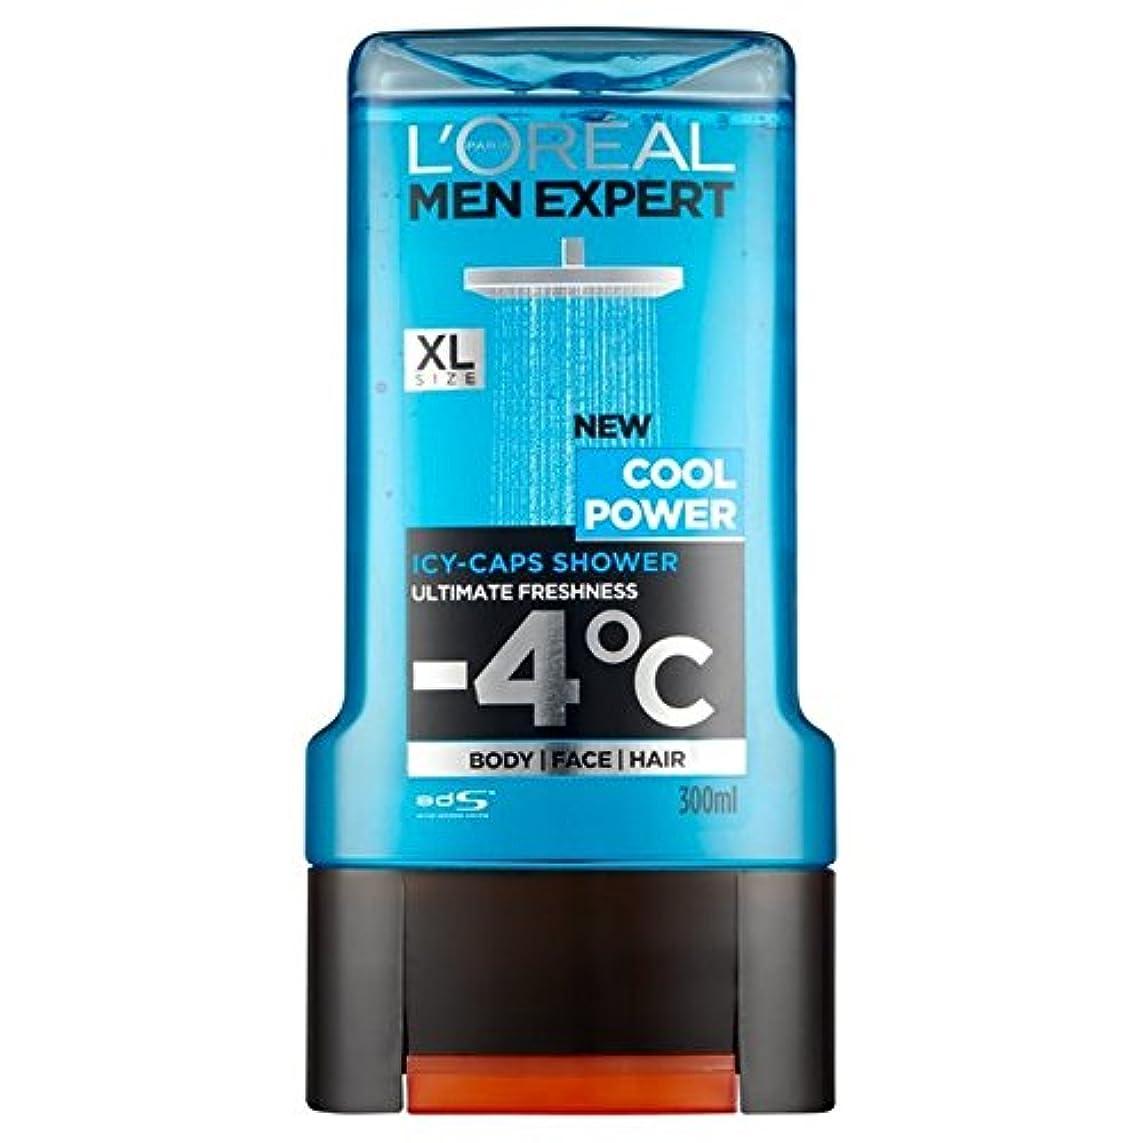 組み立てるロードハウス無駄なL'Oreal Paris Men Expert Cool Power Shower Gel 300ml (Pack of 6) - ロレアルパリの男性の専門家のクールなパワーシャワージェル300ミリリットル x6 [並行輸入品]